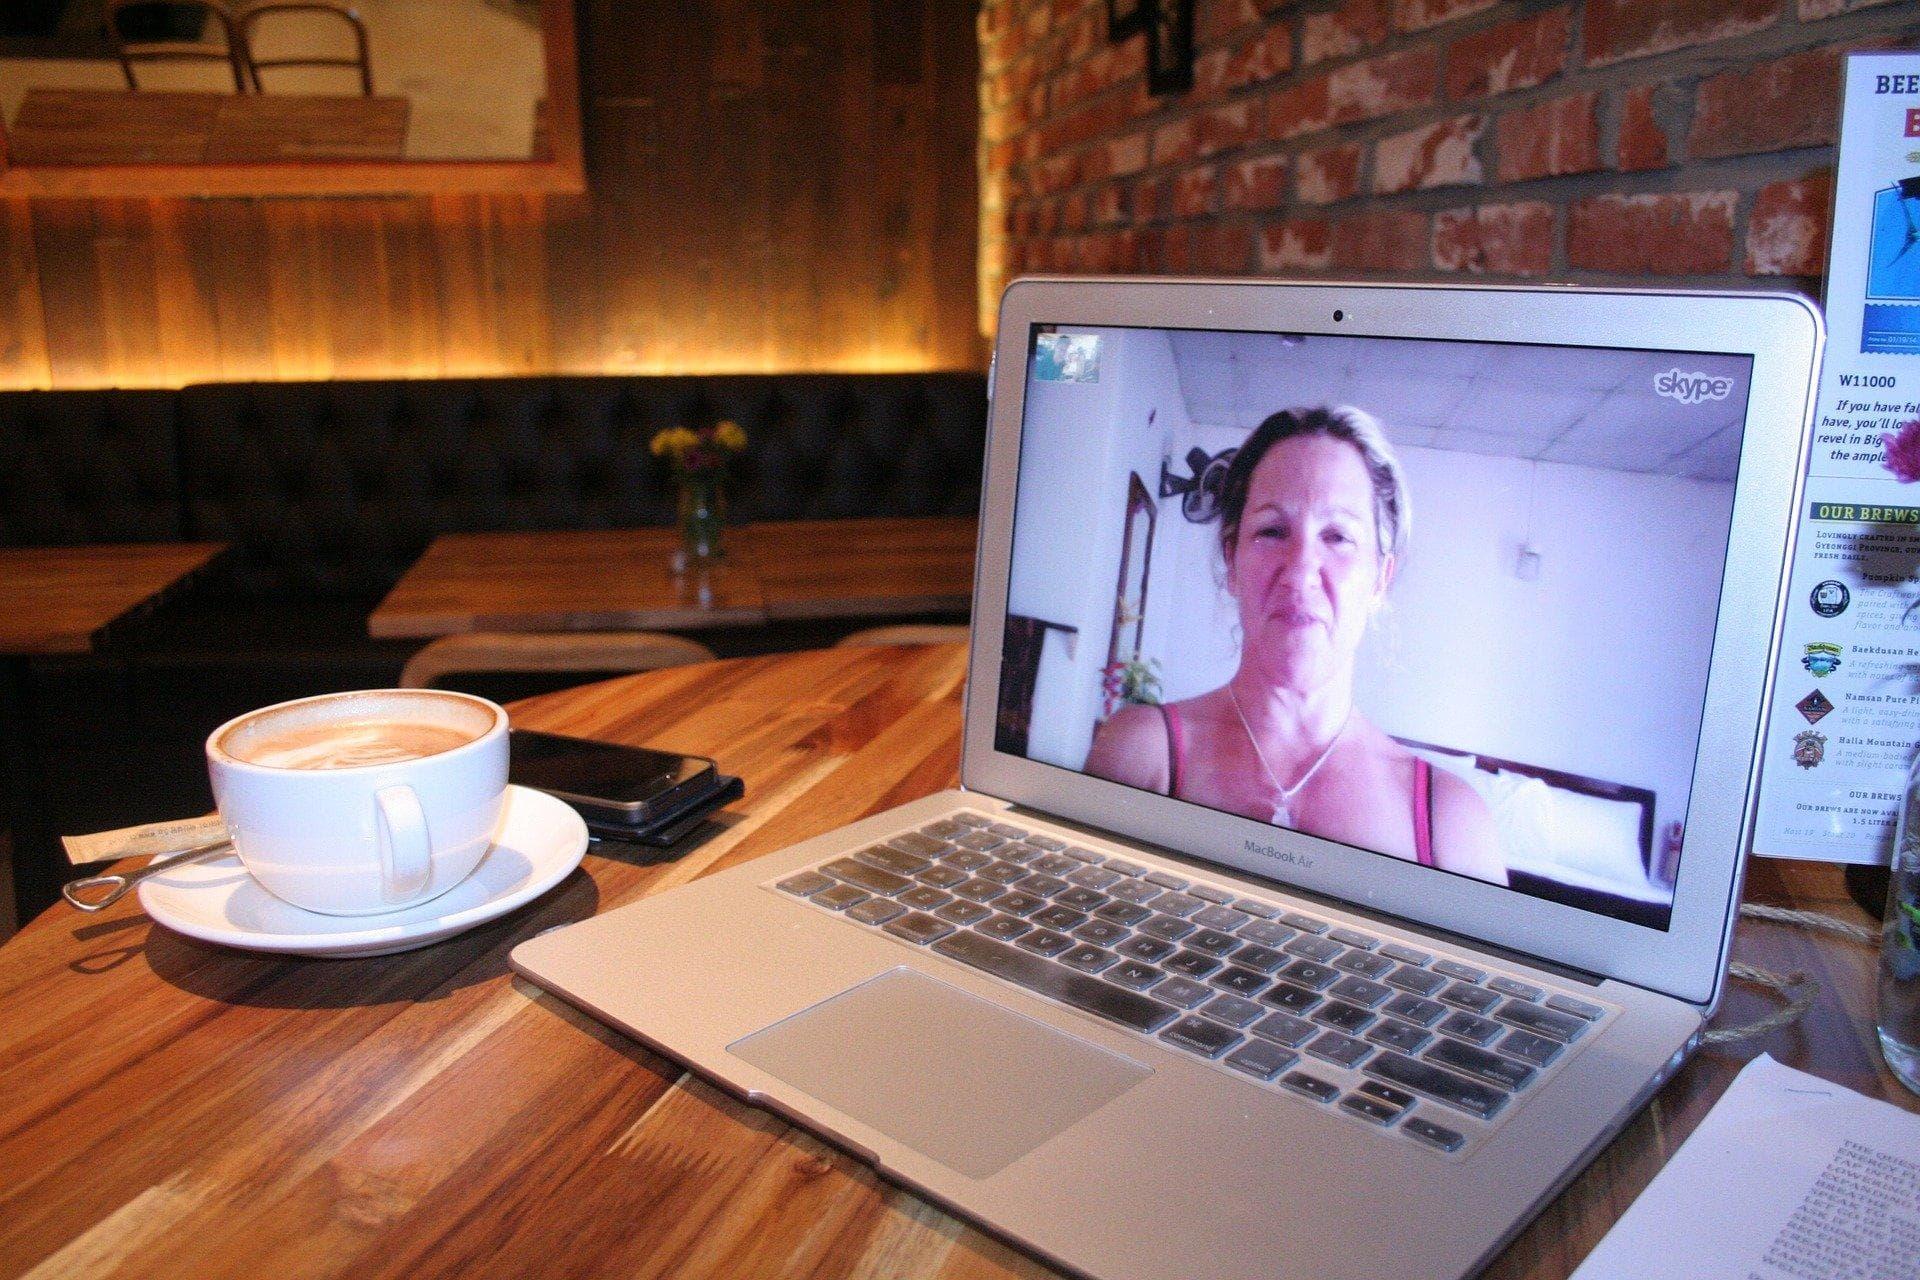 Skype - freemium business model